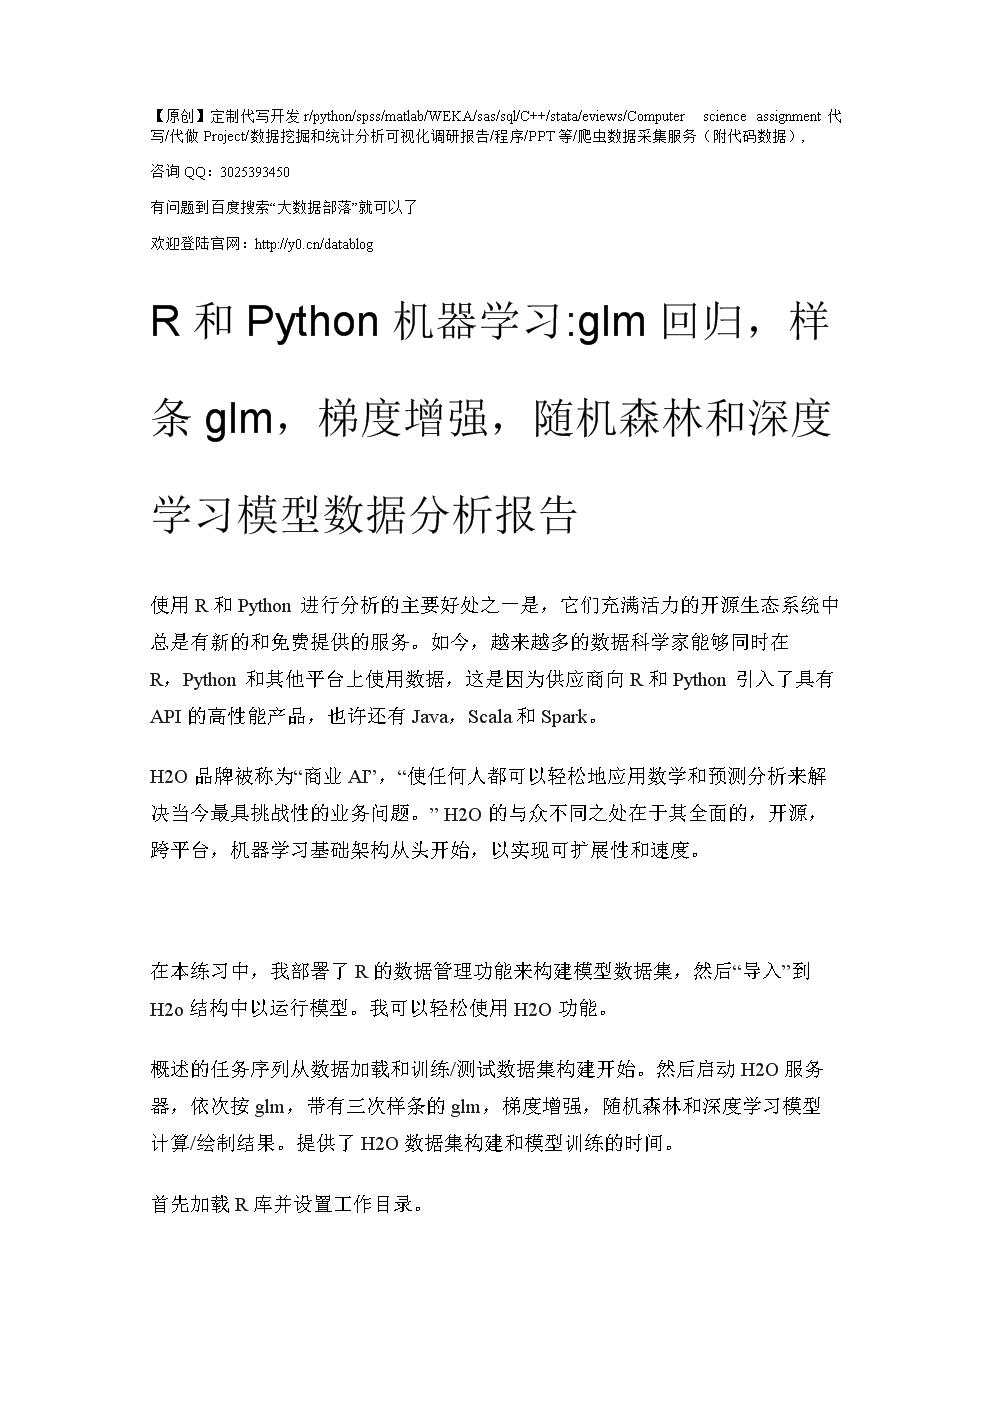 【原创】R和Python机器学习 glm广义线性回归,样条回归,梯度增强,随机森林和深度学习模型数据分析报告论文(附代码数据).docx